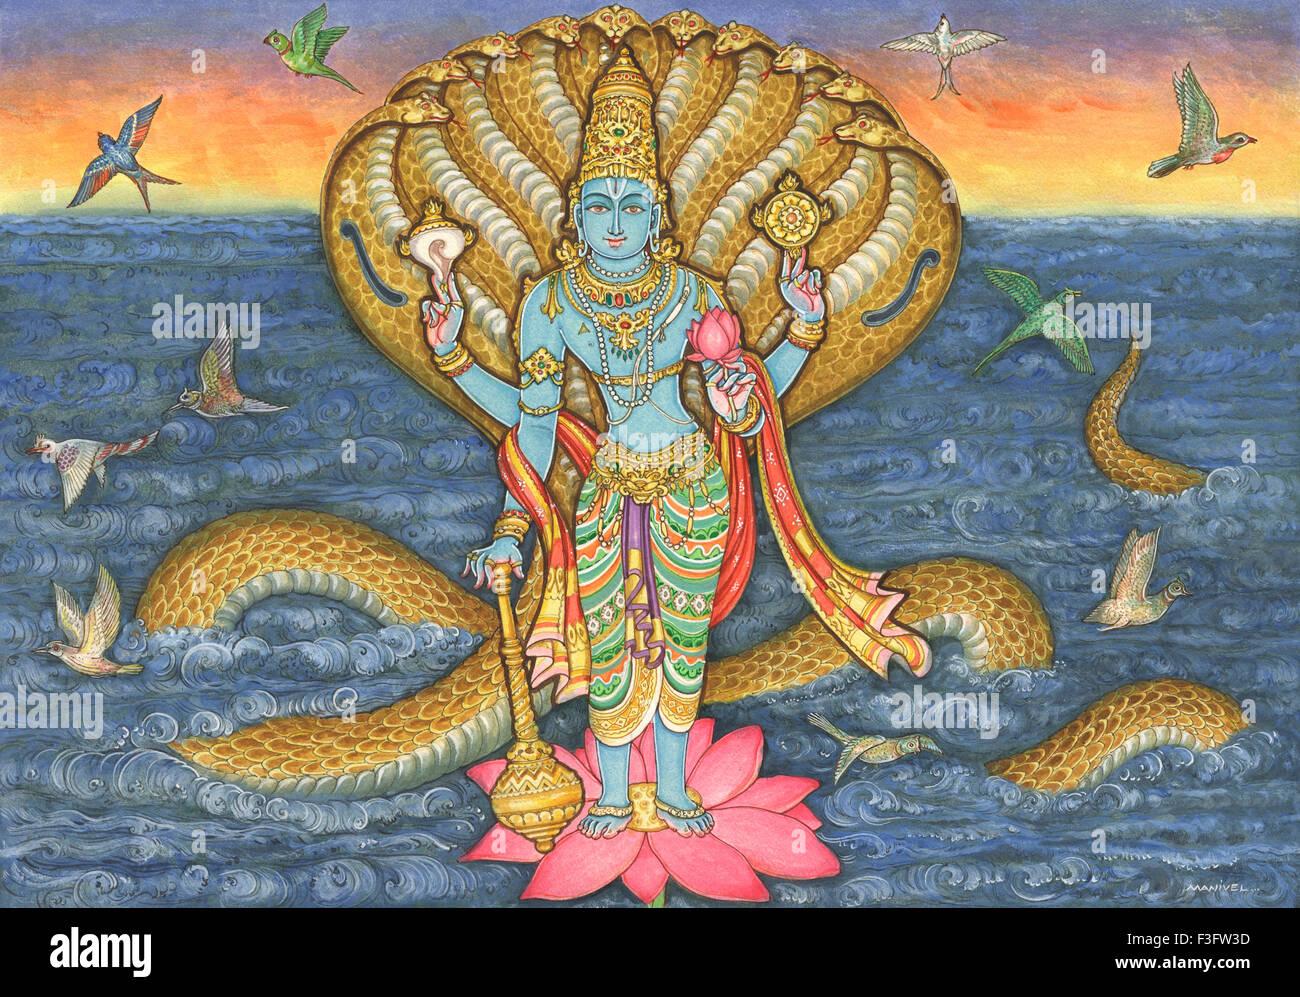 Lotus flower hindu stock photos lotus flower hindu stock images painting of hindu god vishnu standing on lotus flower and protected by hydra headed snake in dhlflorist Gallery